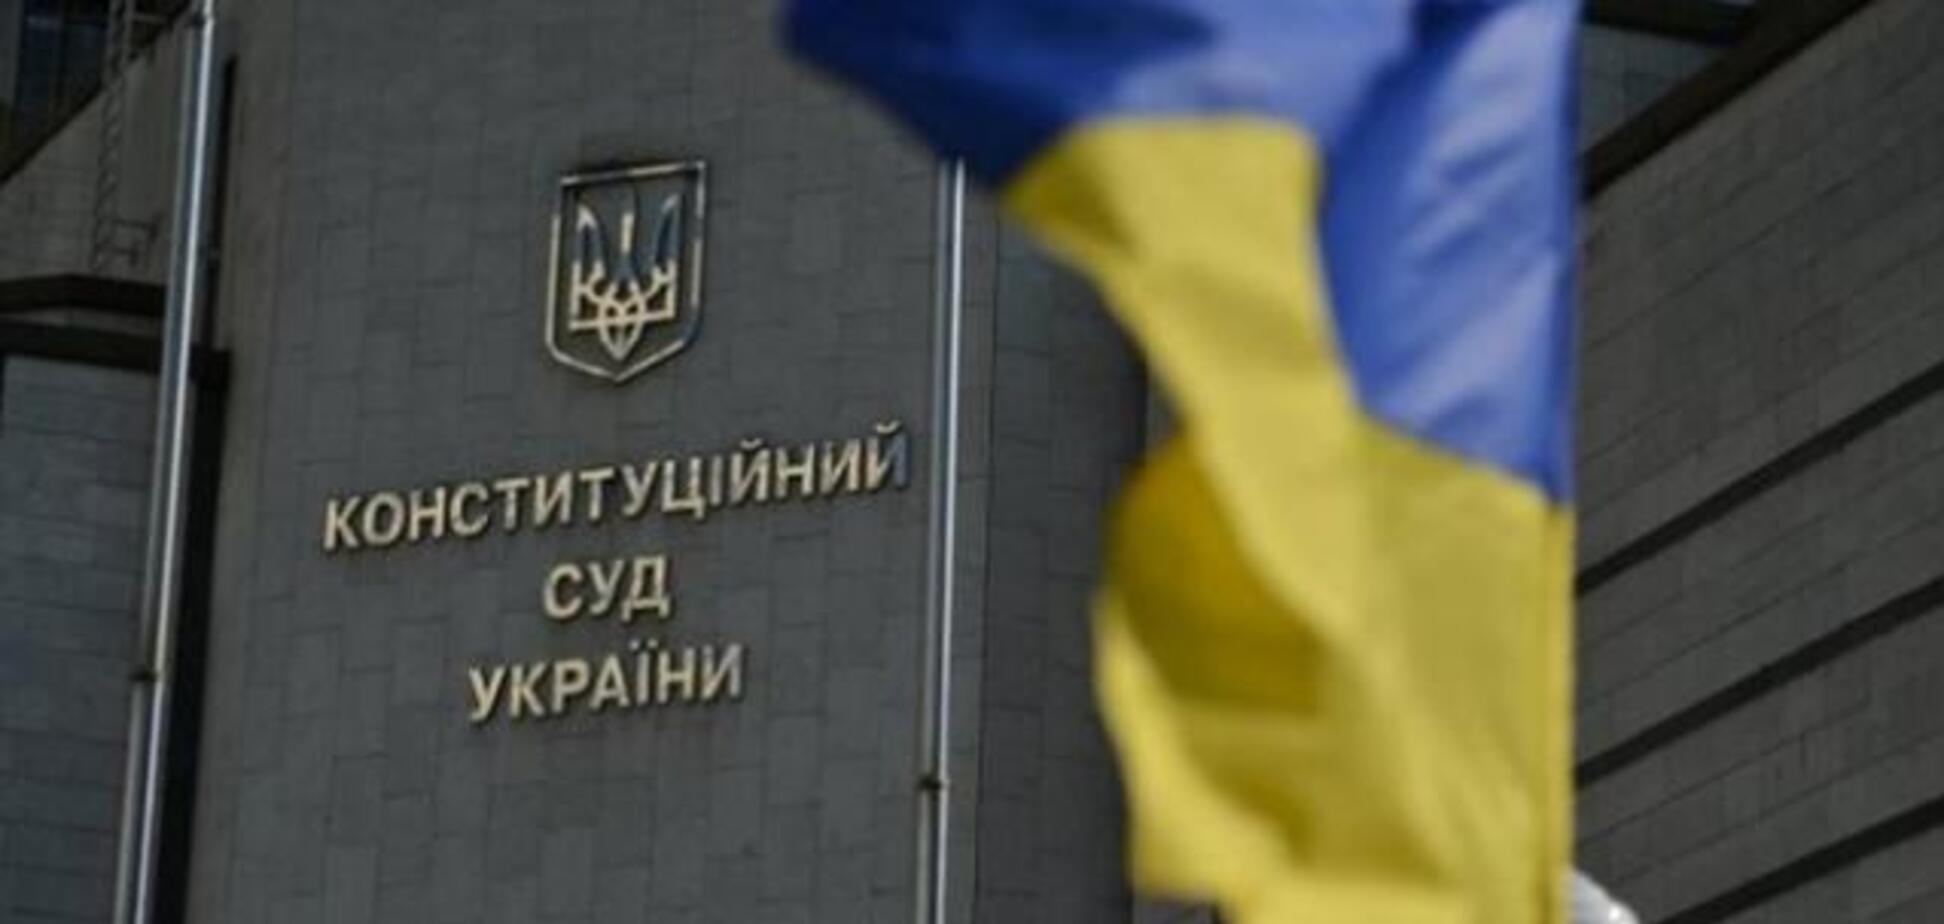 Незаконное обогащение чиновников: в ЕС опровергли доводы КС